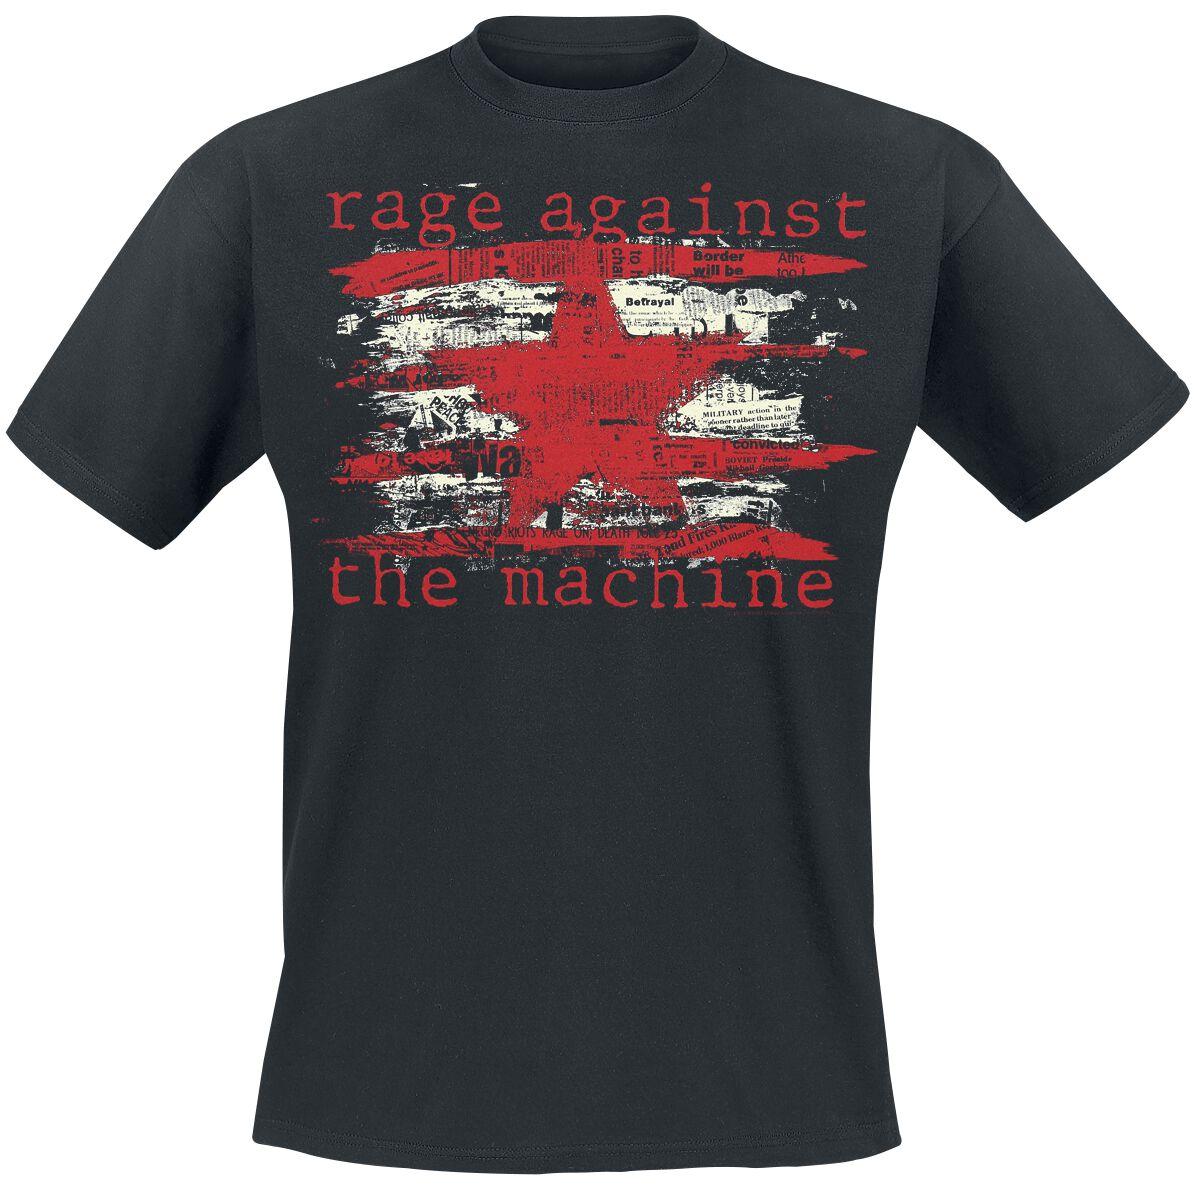 Zespoły - Koszulki - T-Shirt Rage Against The Machine Newspaper Star T-Shirt czarny - 356462